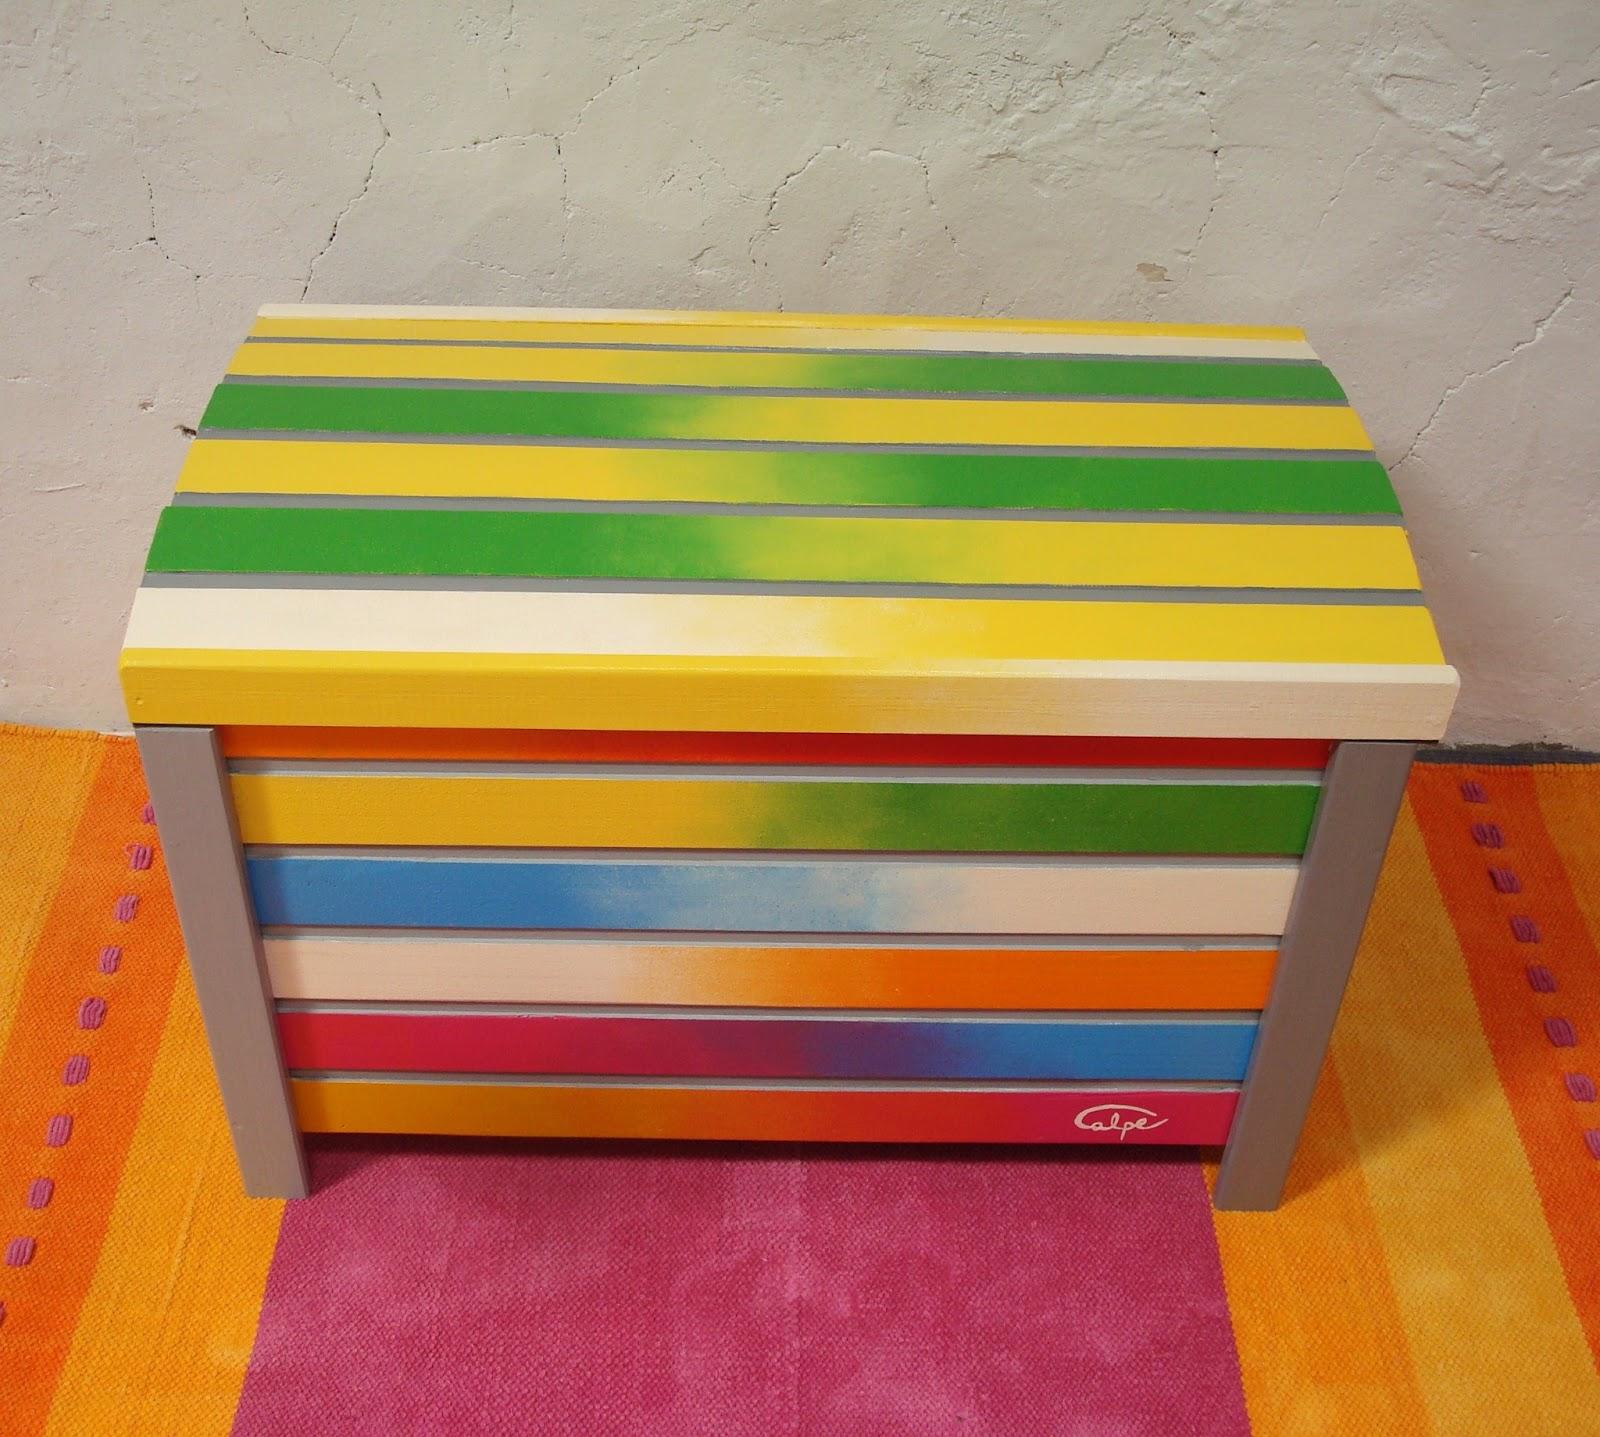 Calpearts muebles y accesorios pintados a mano - Muebles de colores pintados ...